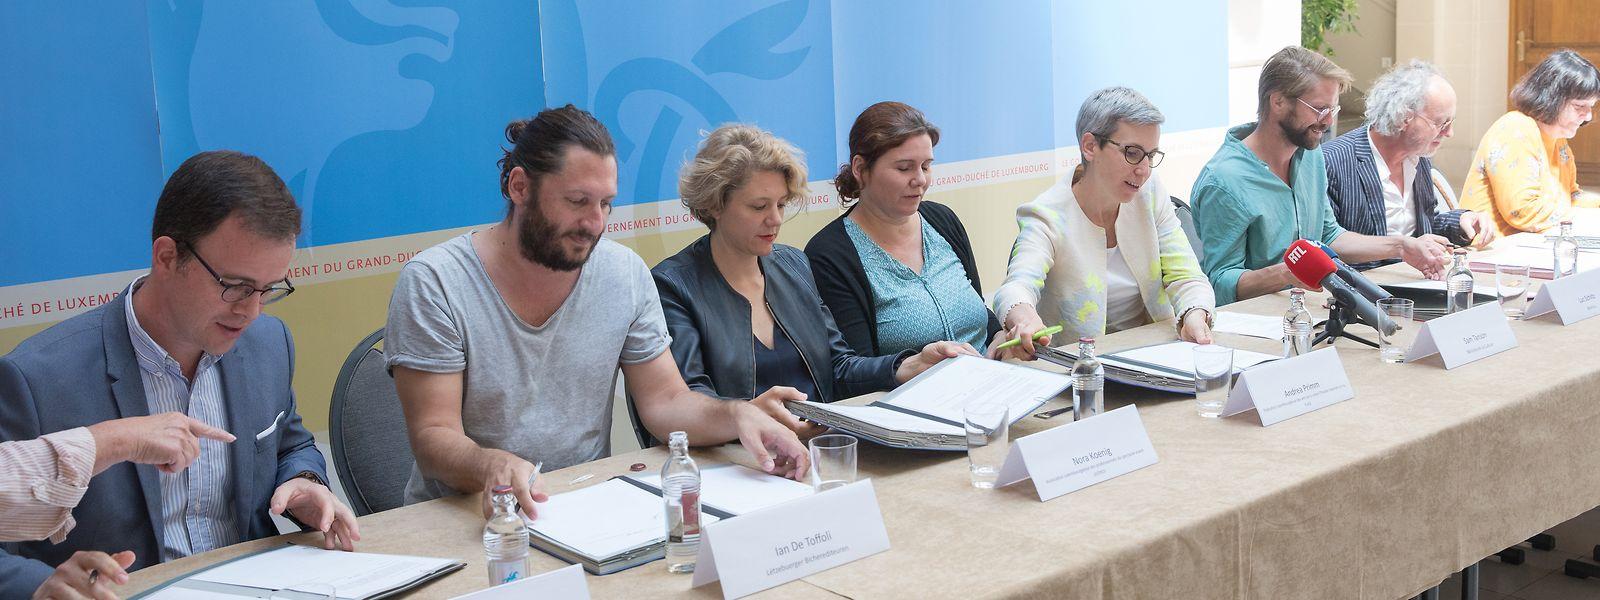 Kulturministerin Sam Tanson (4.v.r.) unterzeichnete gestern sieben Konventionen, die Kulturschaffenden das Leben erleichtern sollen.